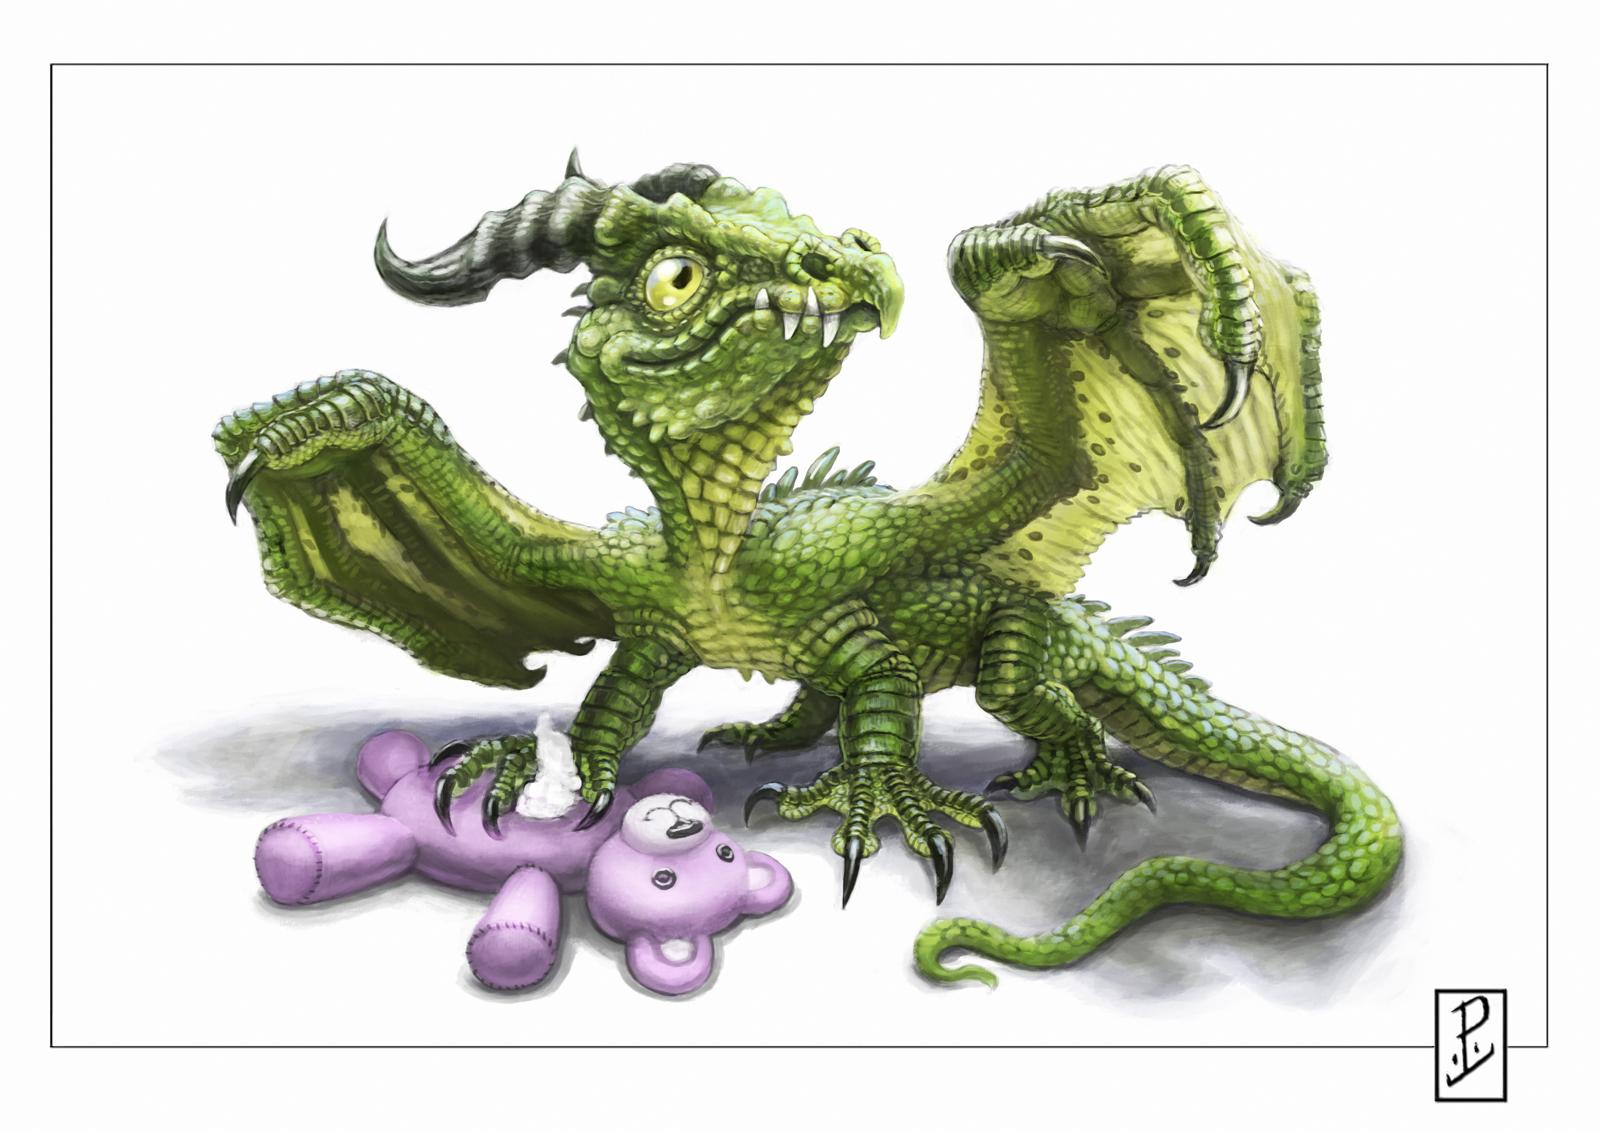 fun facts u2013 the modern dragon